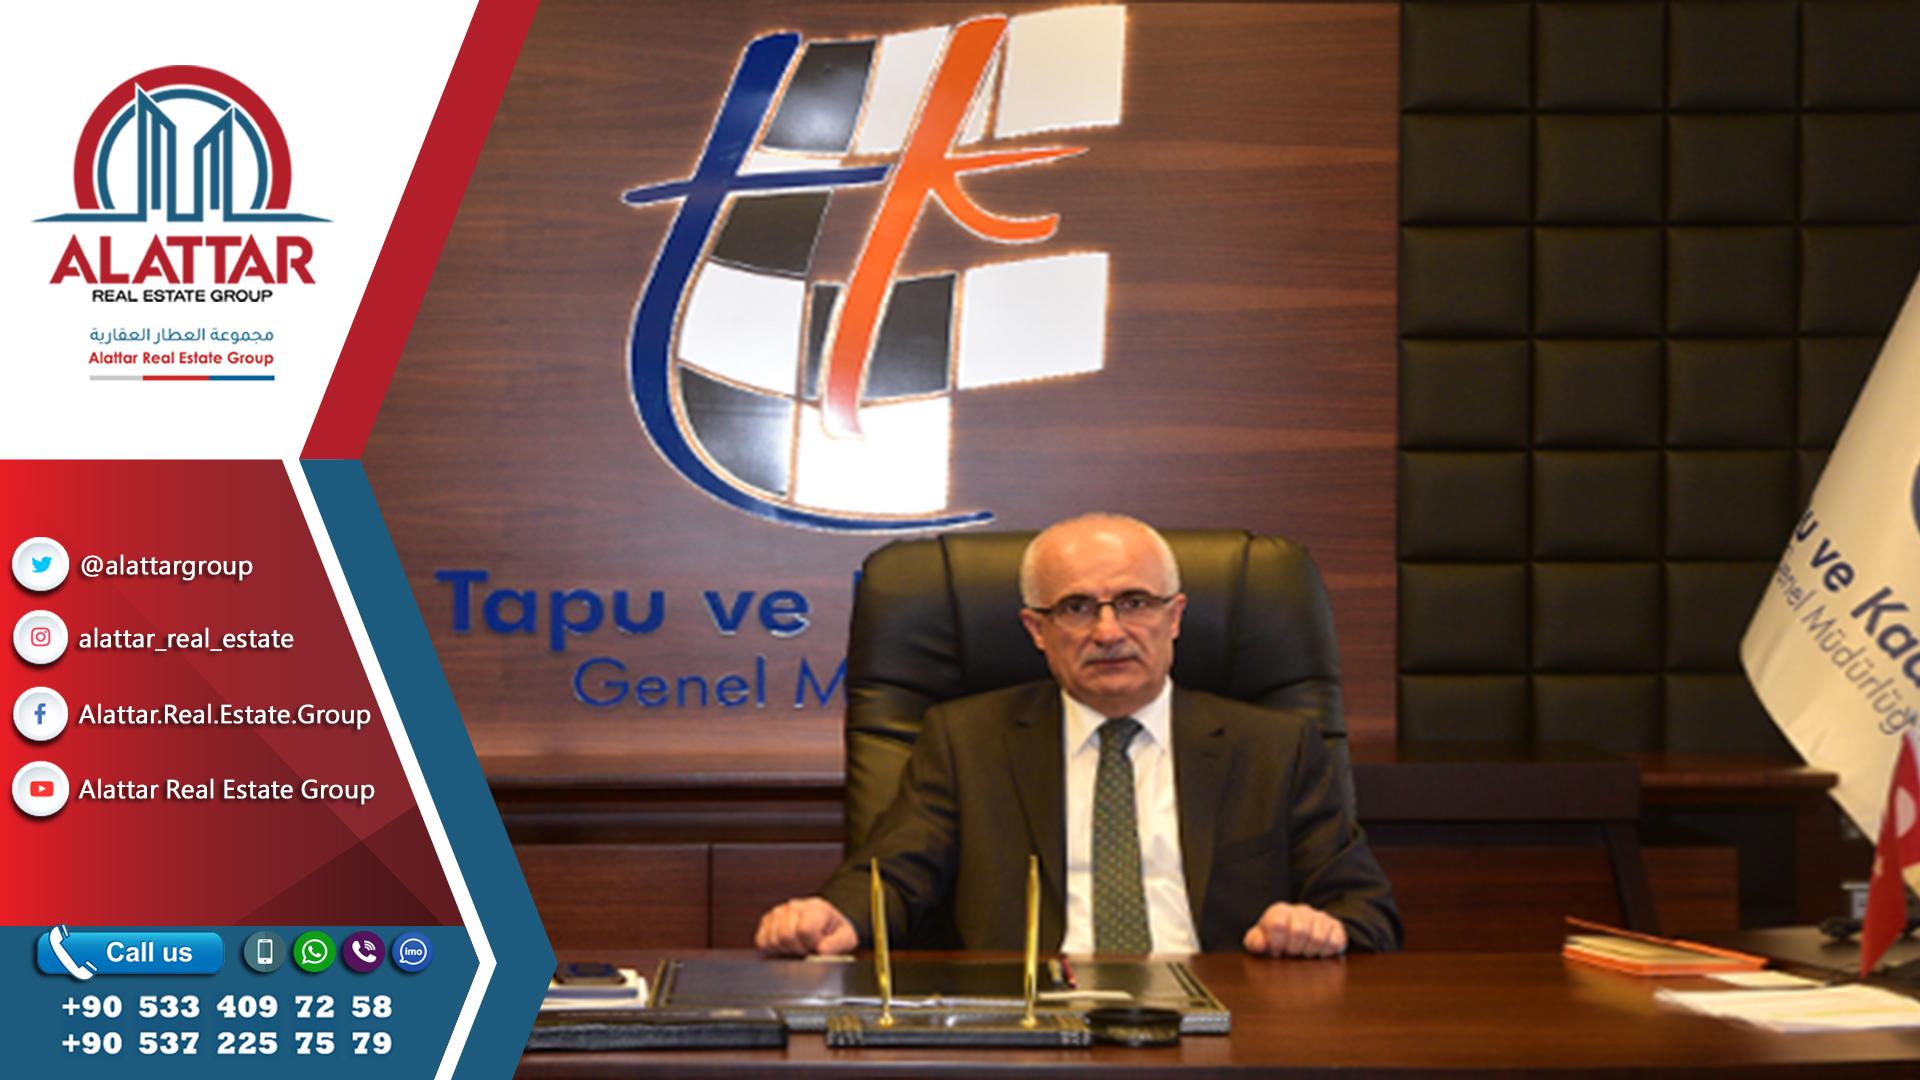 مديرية السجل العقاري التركية تعتزم فتح فروع لها في بلدان عربية وغربية